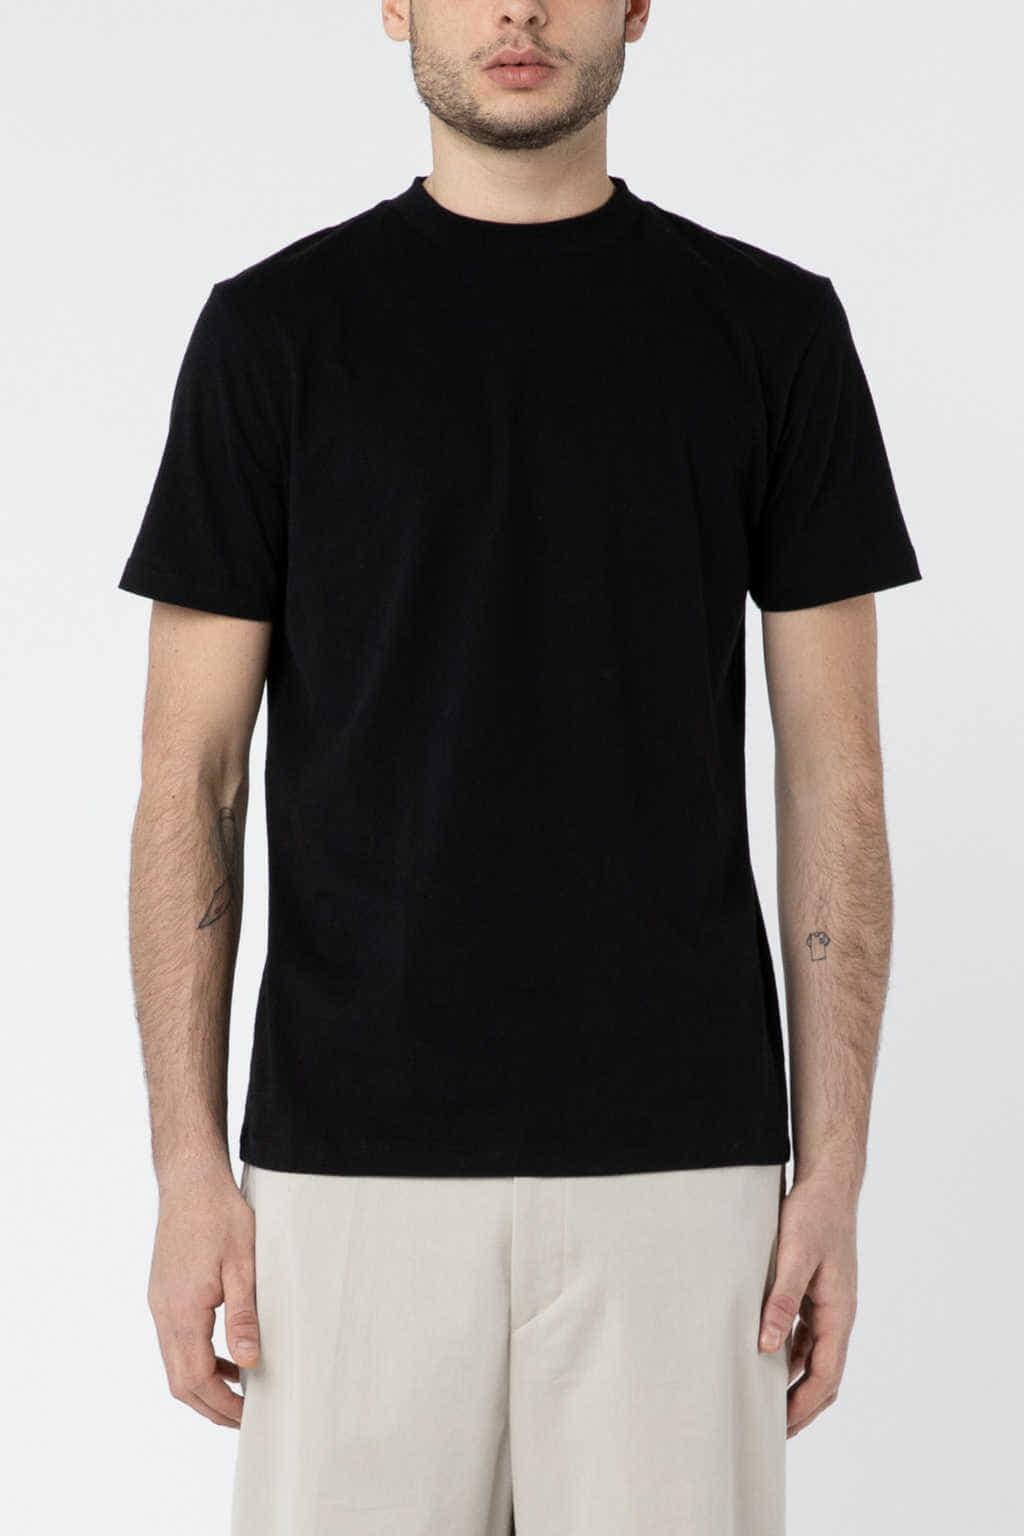 TShirt 2842 Black 8